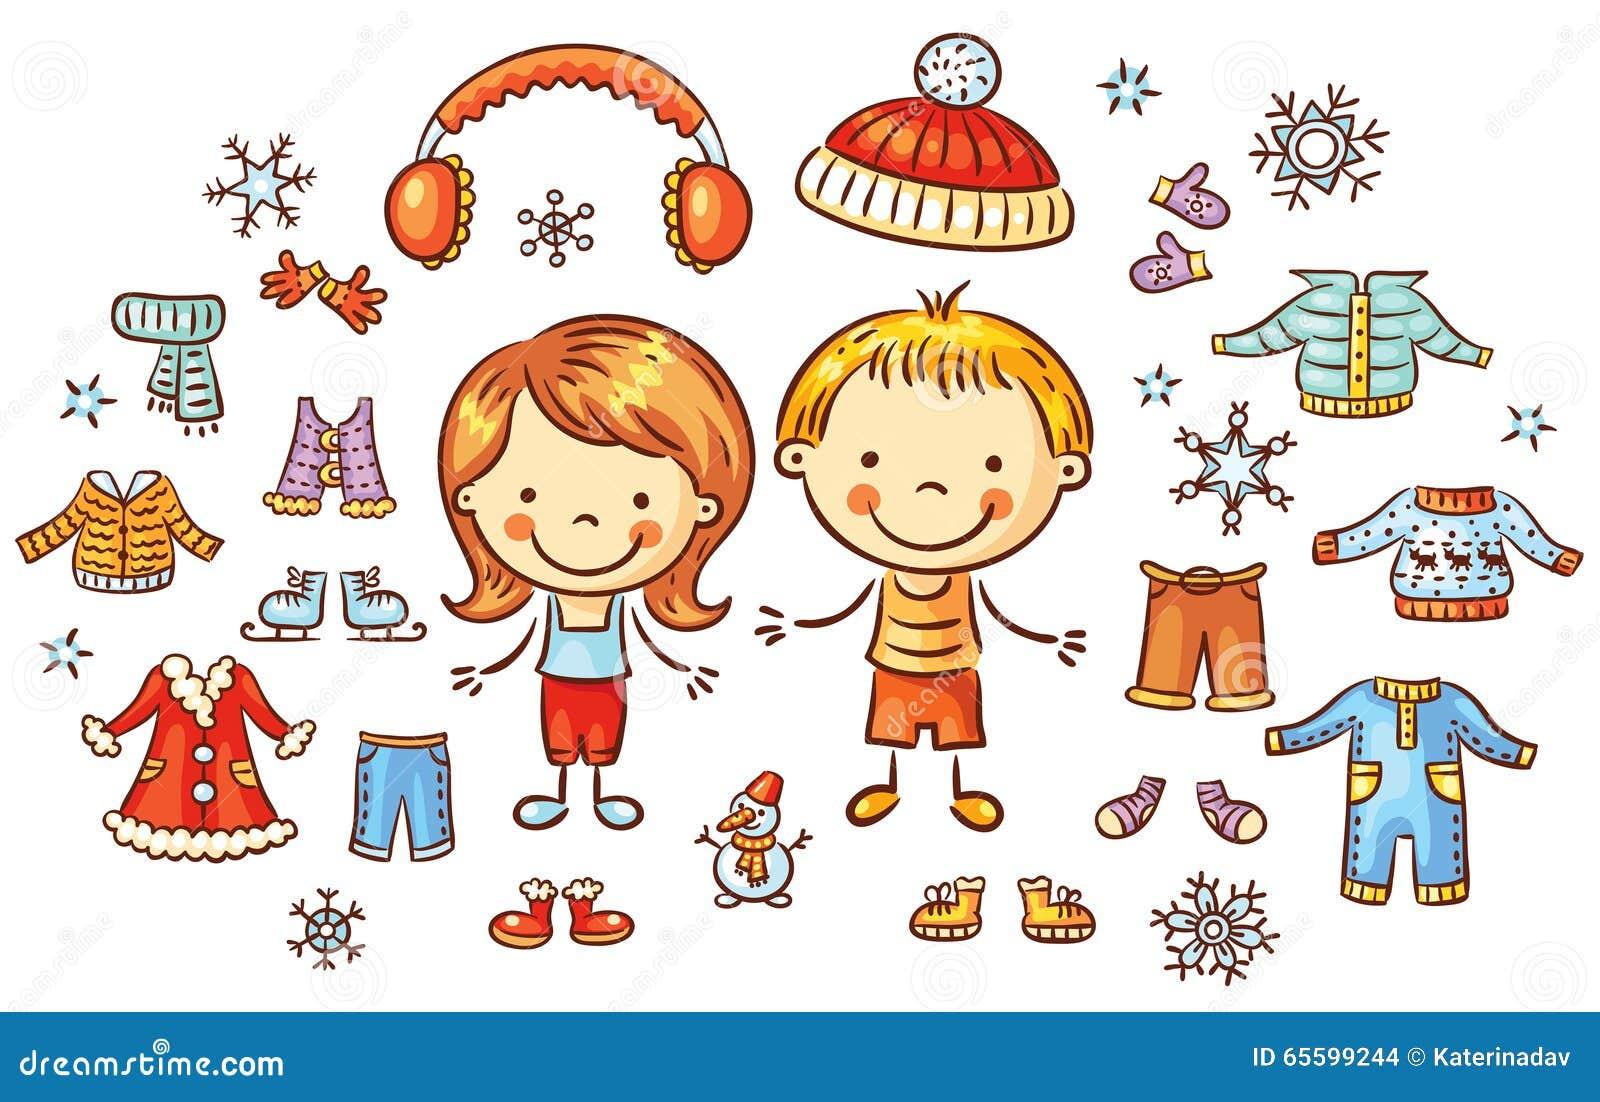 Vinterkläder ställer in för en pojke, och en flicka, objekt kan vara pålagd